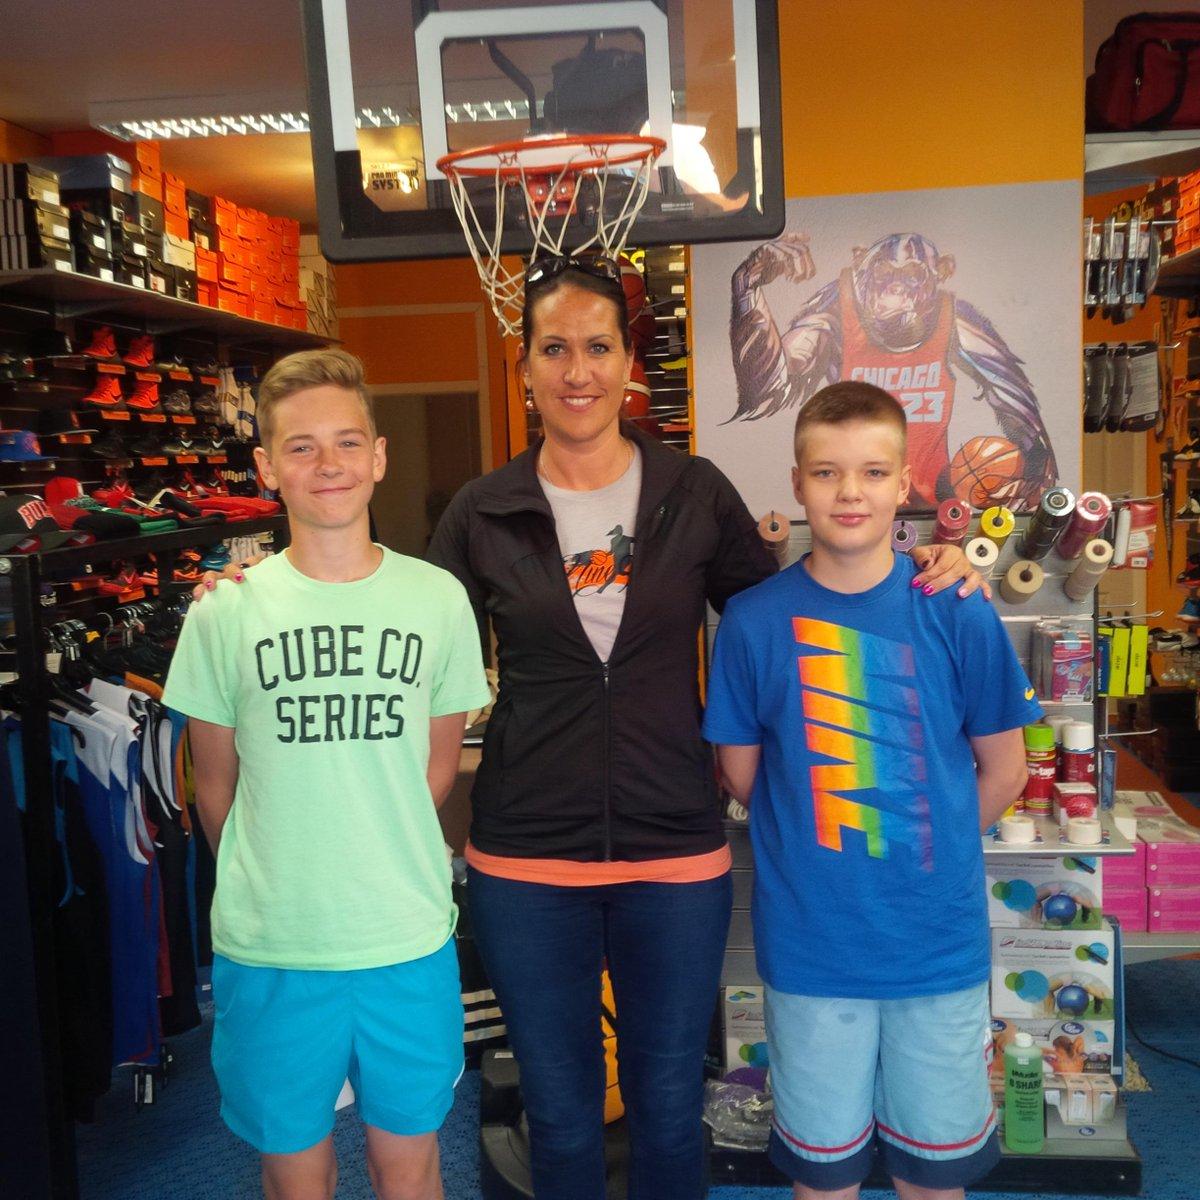 Prieks bija parunāties ar jauniešiem ļoti jaukā @ProBasketballLV veikala Atmosfērā! Paldies!!! #Nine9 #inspired